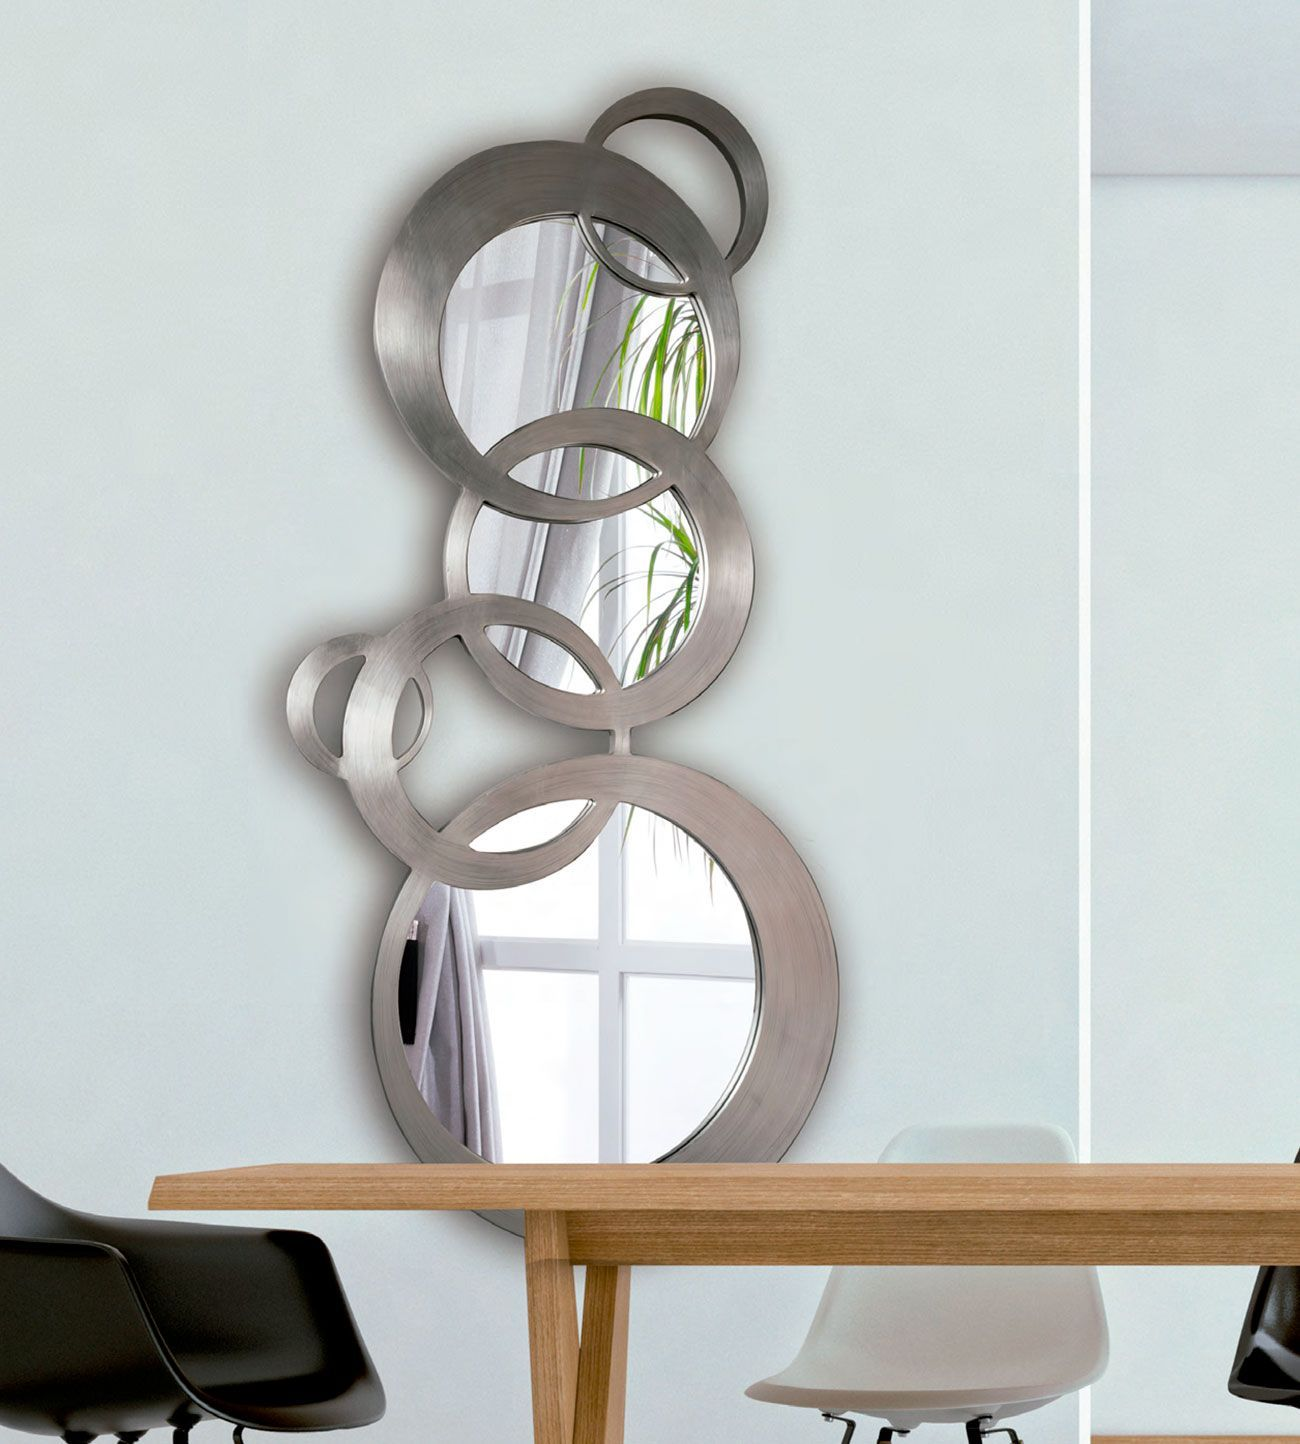 Espelho Esferas, Espelhos Decorativos